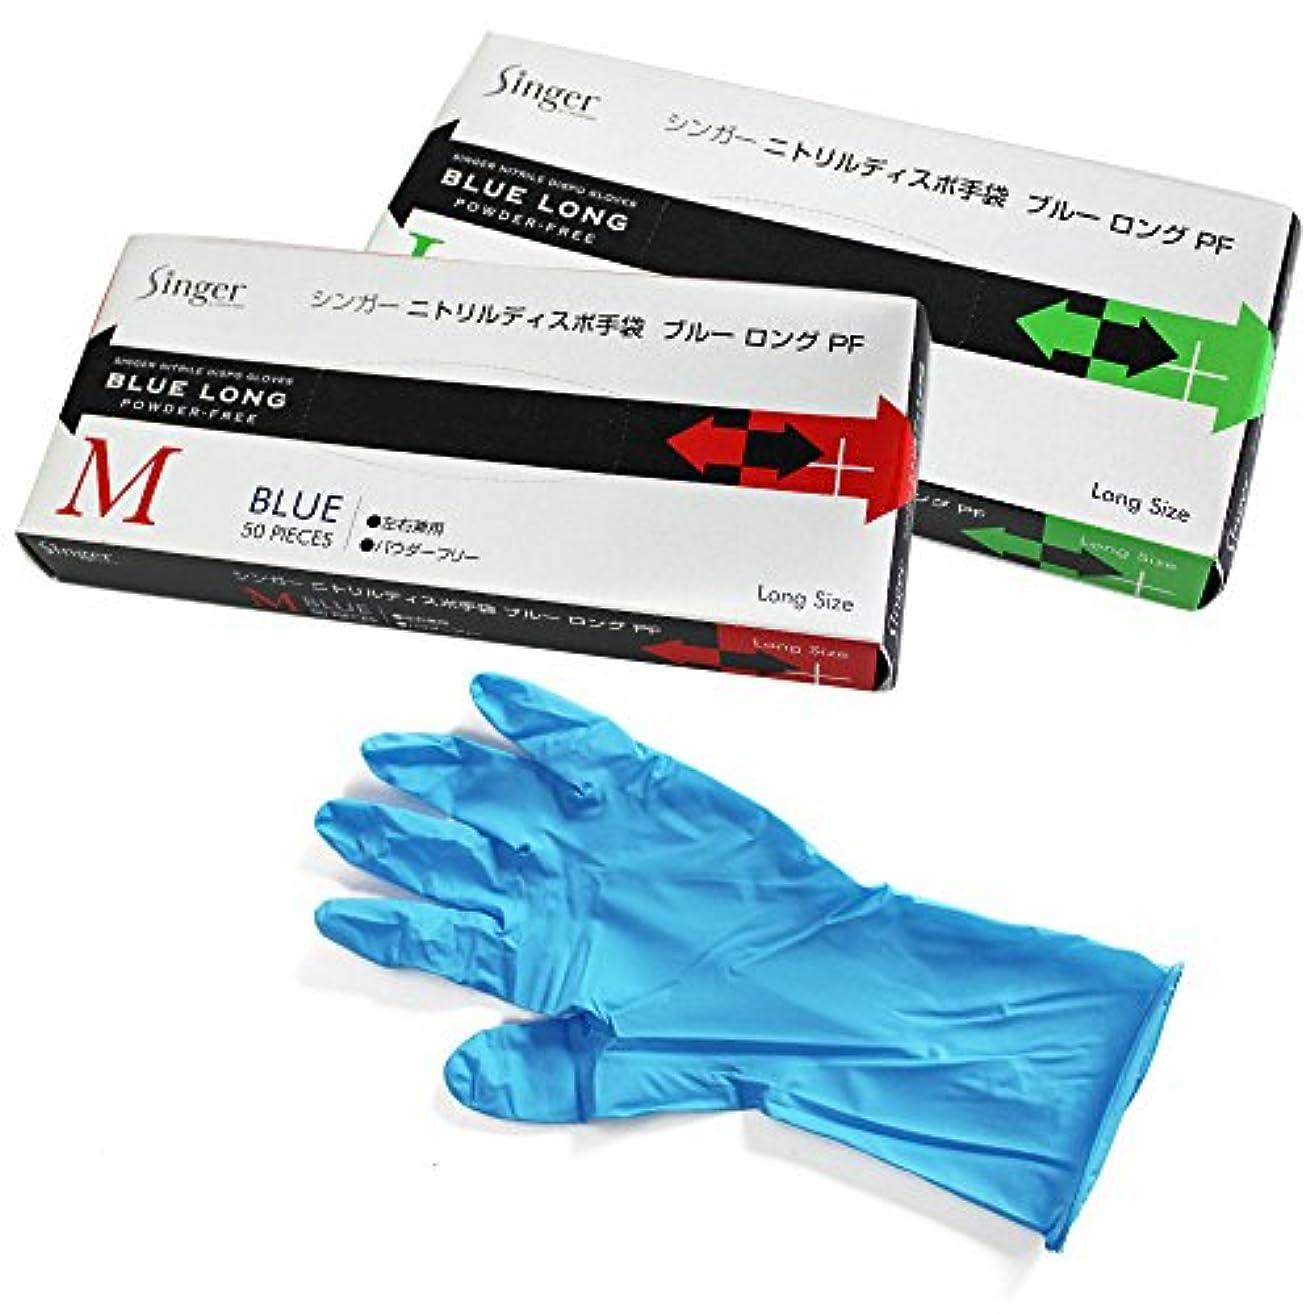 助けて引退した封筒シンガーニトリルディスポ手袋ブルーロングパウダーフリー250枚(50枚入り×5箱) (M)